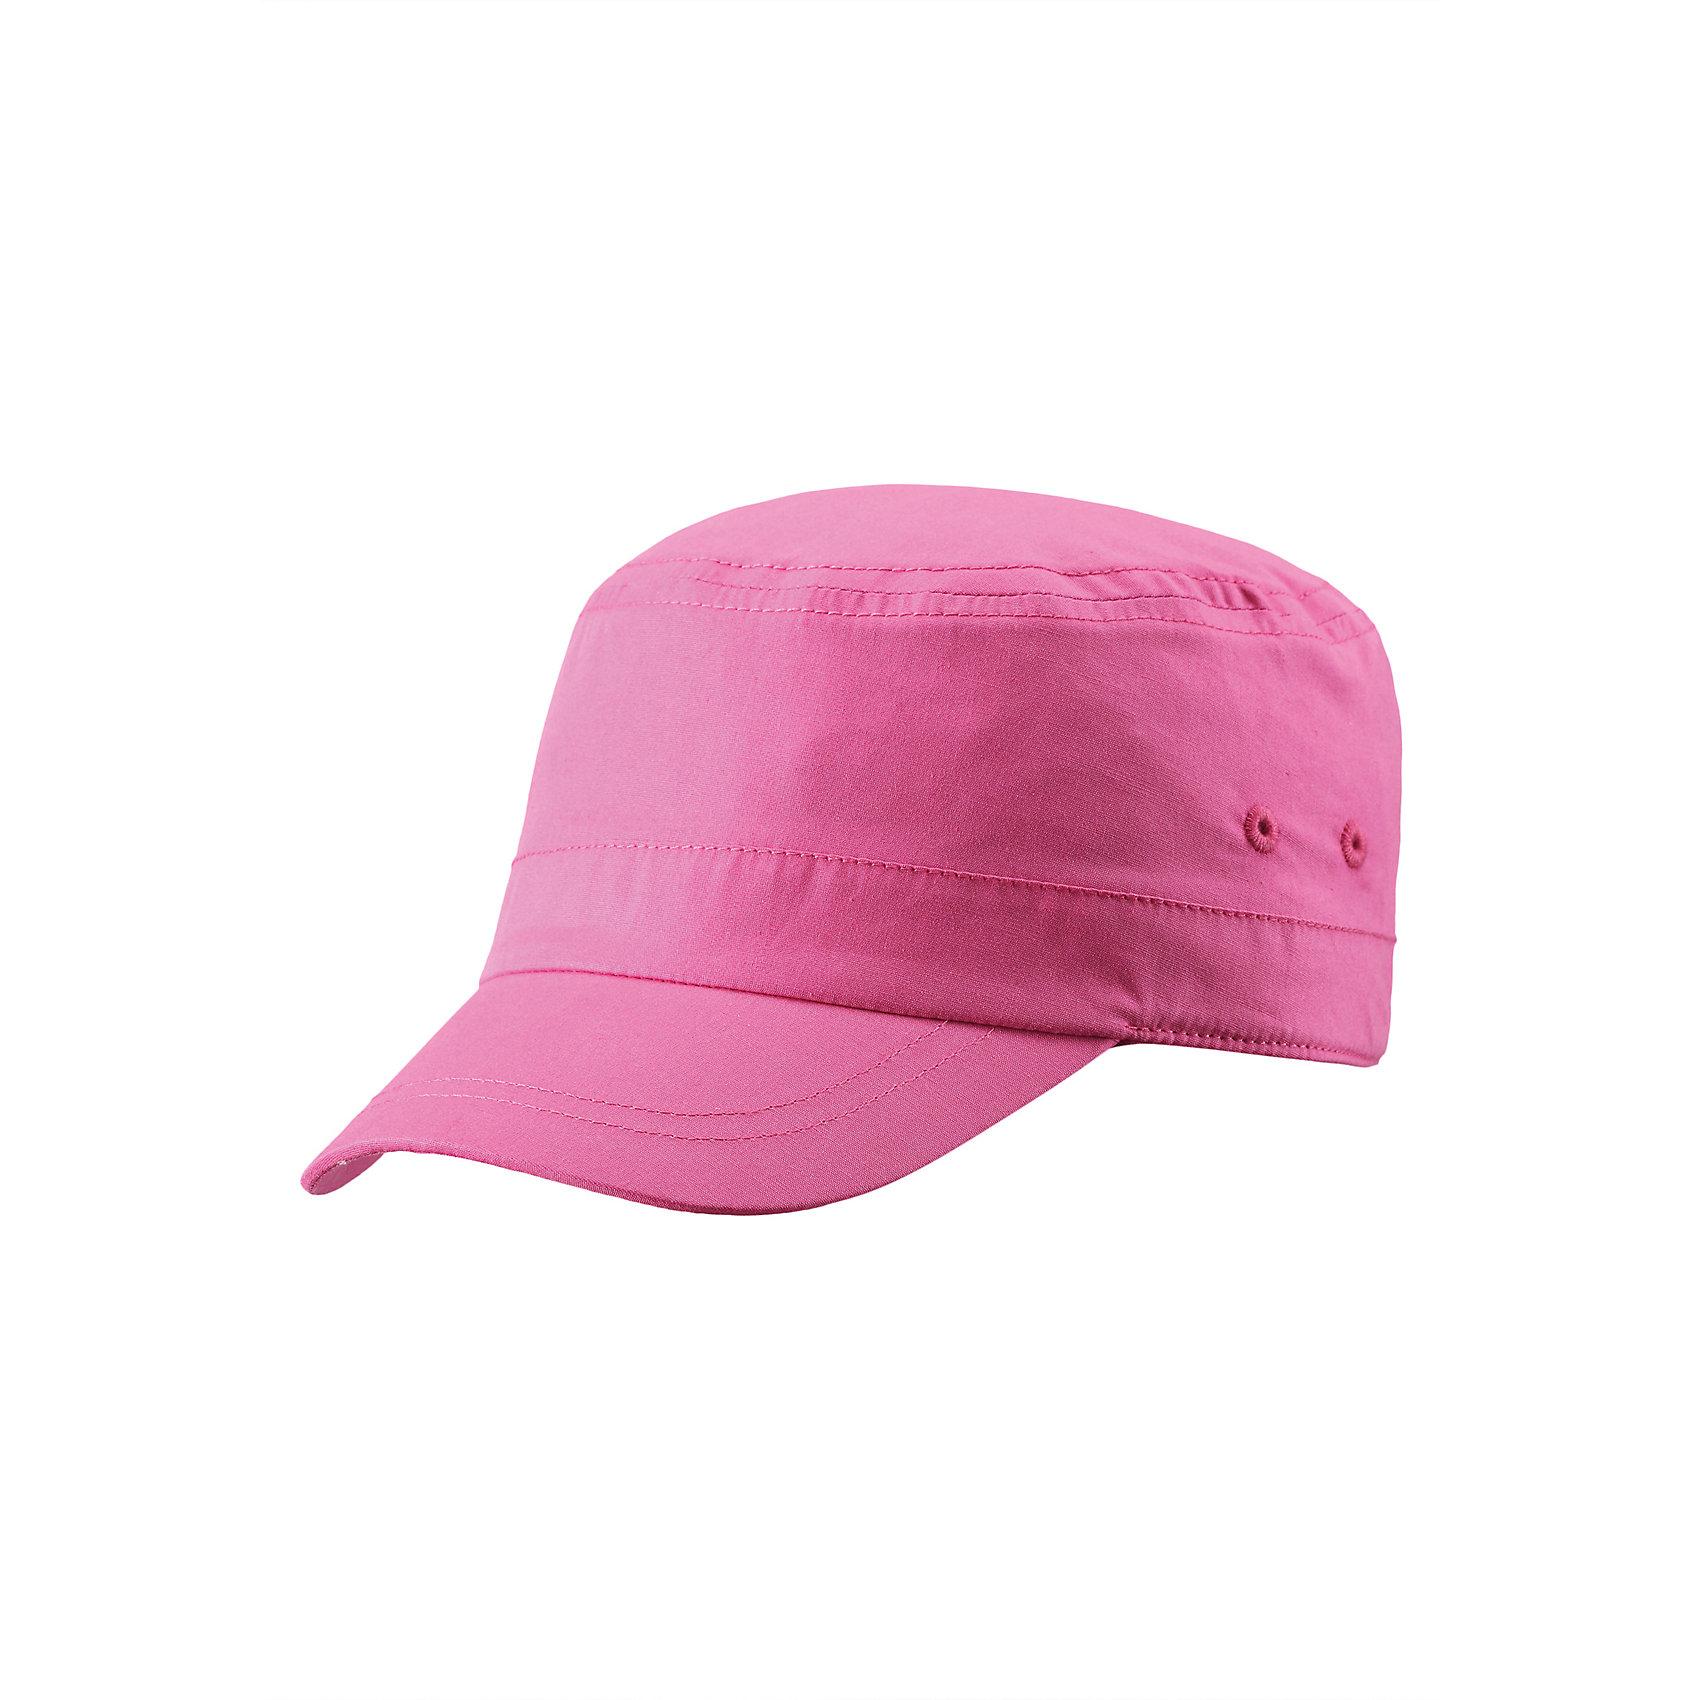 Кепка для девочки ReimaШапки и шарфы<br>Эта стильная летняя кепка для детей - прекрасный спутник в летние солнечные дни. Кепка защищает от солнечных лучей, но при этом обеспечивает ощущение легкости и комфорта при носке. Стрейчевая задняя часть обеспечивает хорошую посадку, и поможет удержать кепку на голове во время активных игр на пляже. Без подкладки.<br><br>Дополнительная информация:<br><br>Шапка для детей<br>Без подкладки<br>Эластичный кант сзади<br>Состав:<br>100% хлопок<br>Уход:<br>Стирать с бельем одинакового цвета, вывернув наизнанку. Стирать моющим средством, не содержащим отбеливающие вещества. Придать первоначальную форму вo влажном виде. Полоскать без специального средства. Сушить при низкой температуре.<br><br>Ширина мм: 89<br>Глубина мм: 117<br>Высота мм: 44<br>Вес г: 155<br>Цвет: розовый<br>Возраст от месяцев: 72<br>Возраст до месяцев: 84<br>Пол: Женский<br>Возраст: Детский<br>Размер: 54,52,56,48,50<br>SKU: 4498817